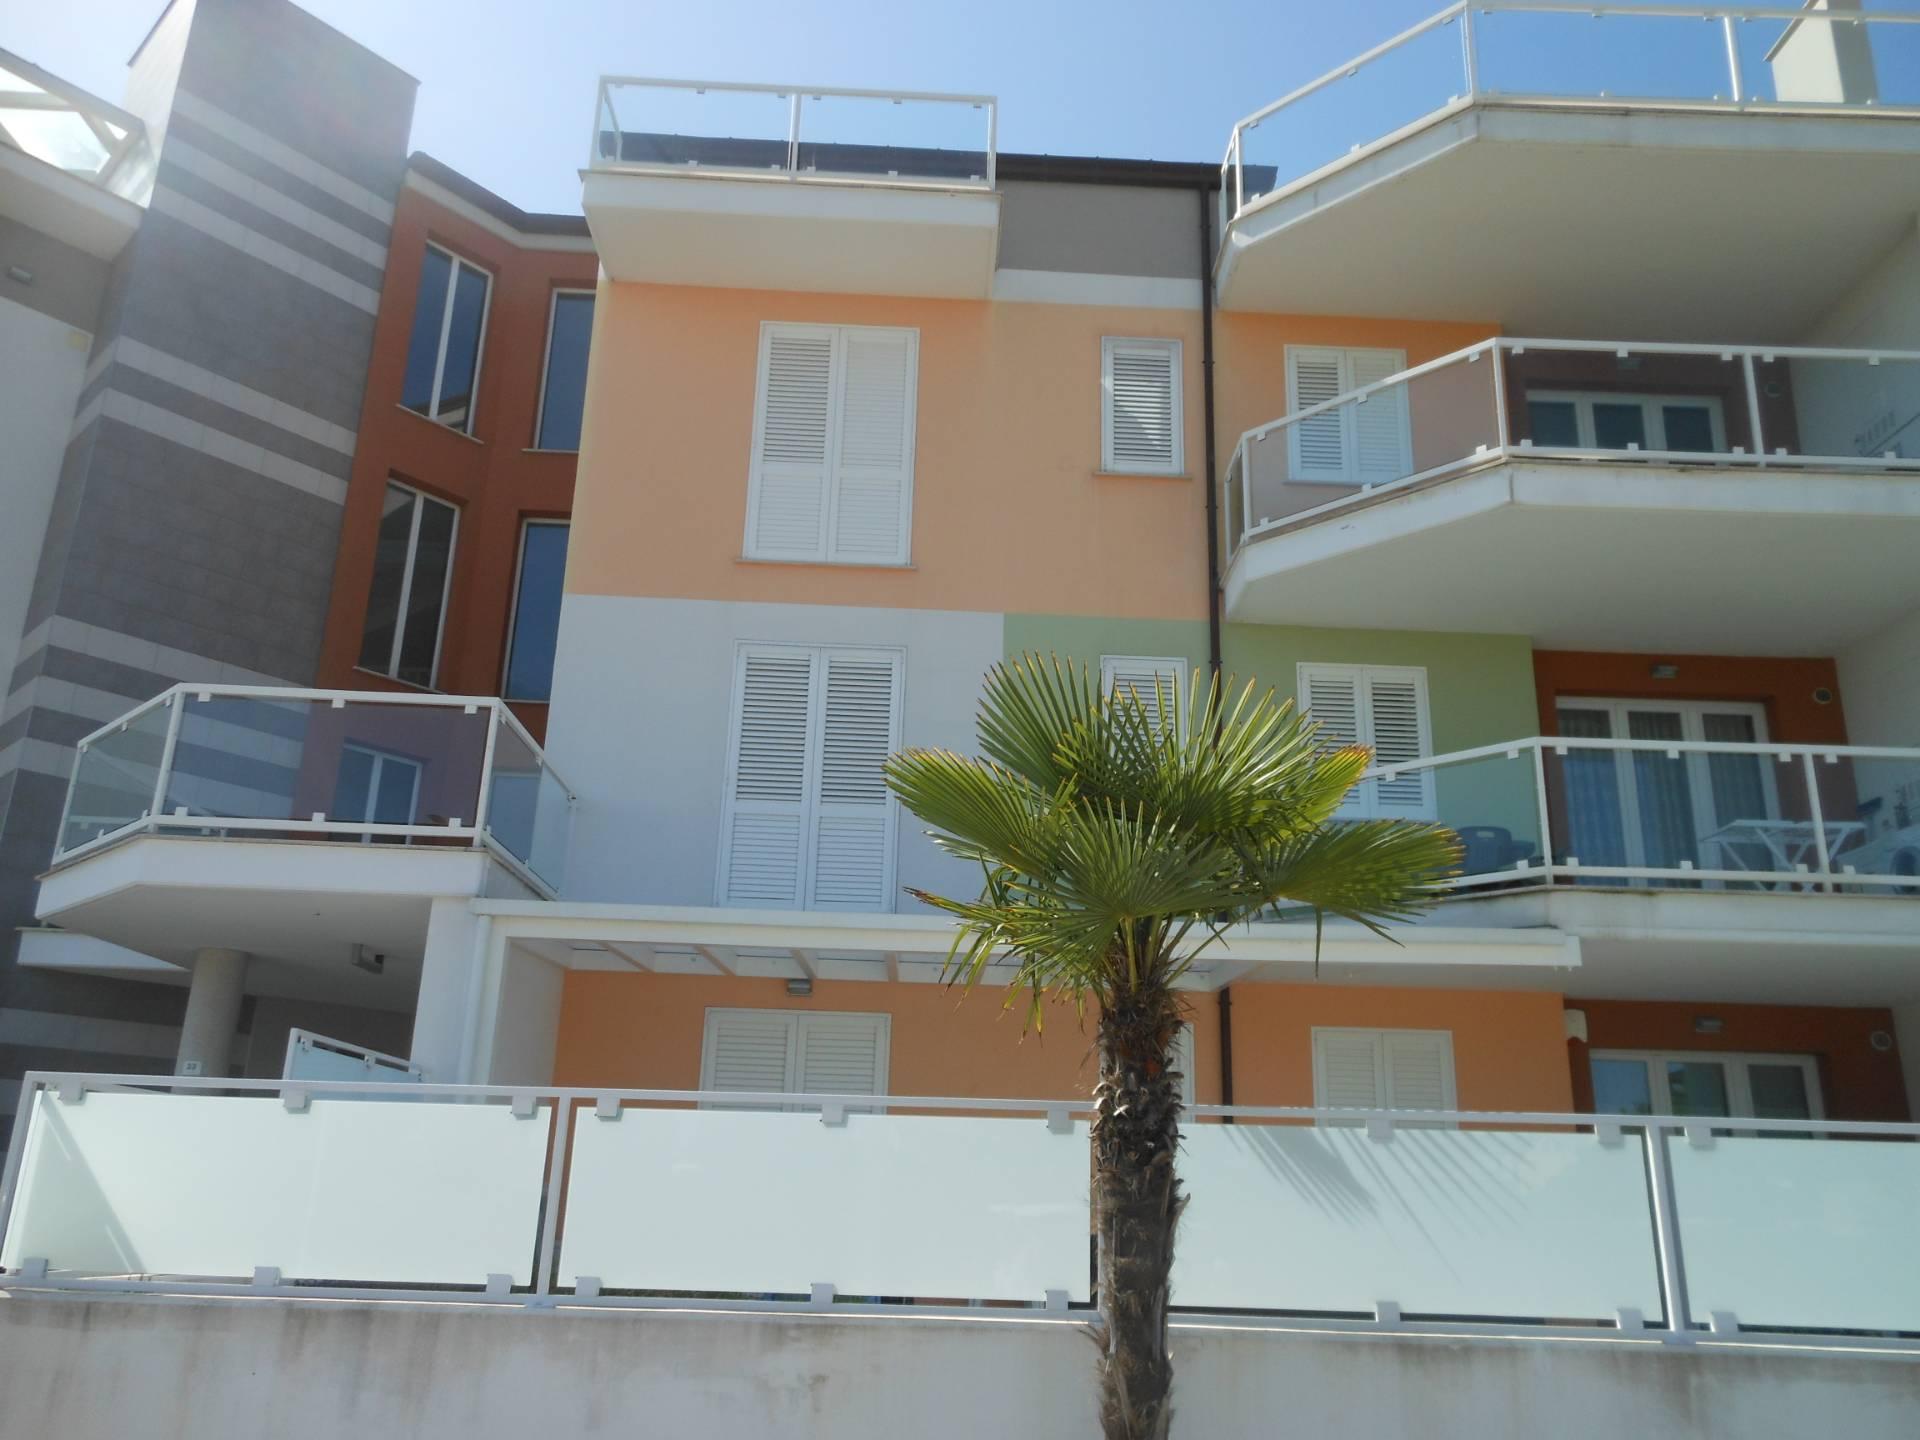 Appartamento in vendita a Nereto, 4 locali, zona Località: residenziale, prezzo € 110.000   PortaleAgenzieImmobiliari.it